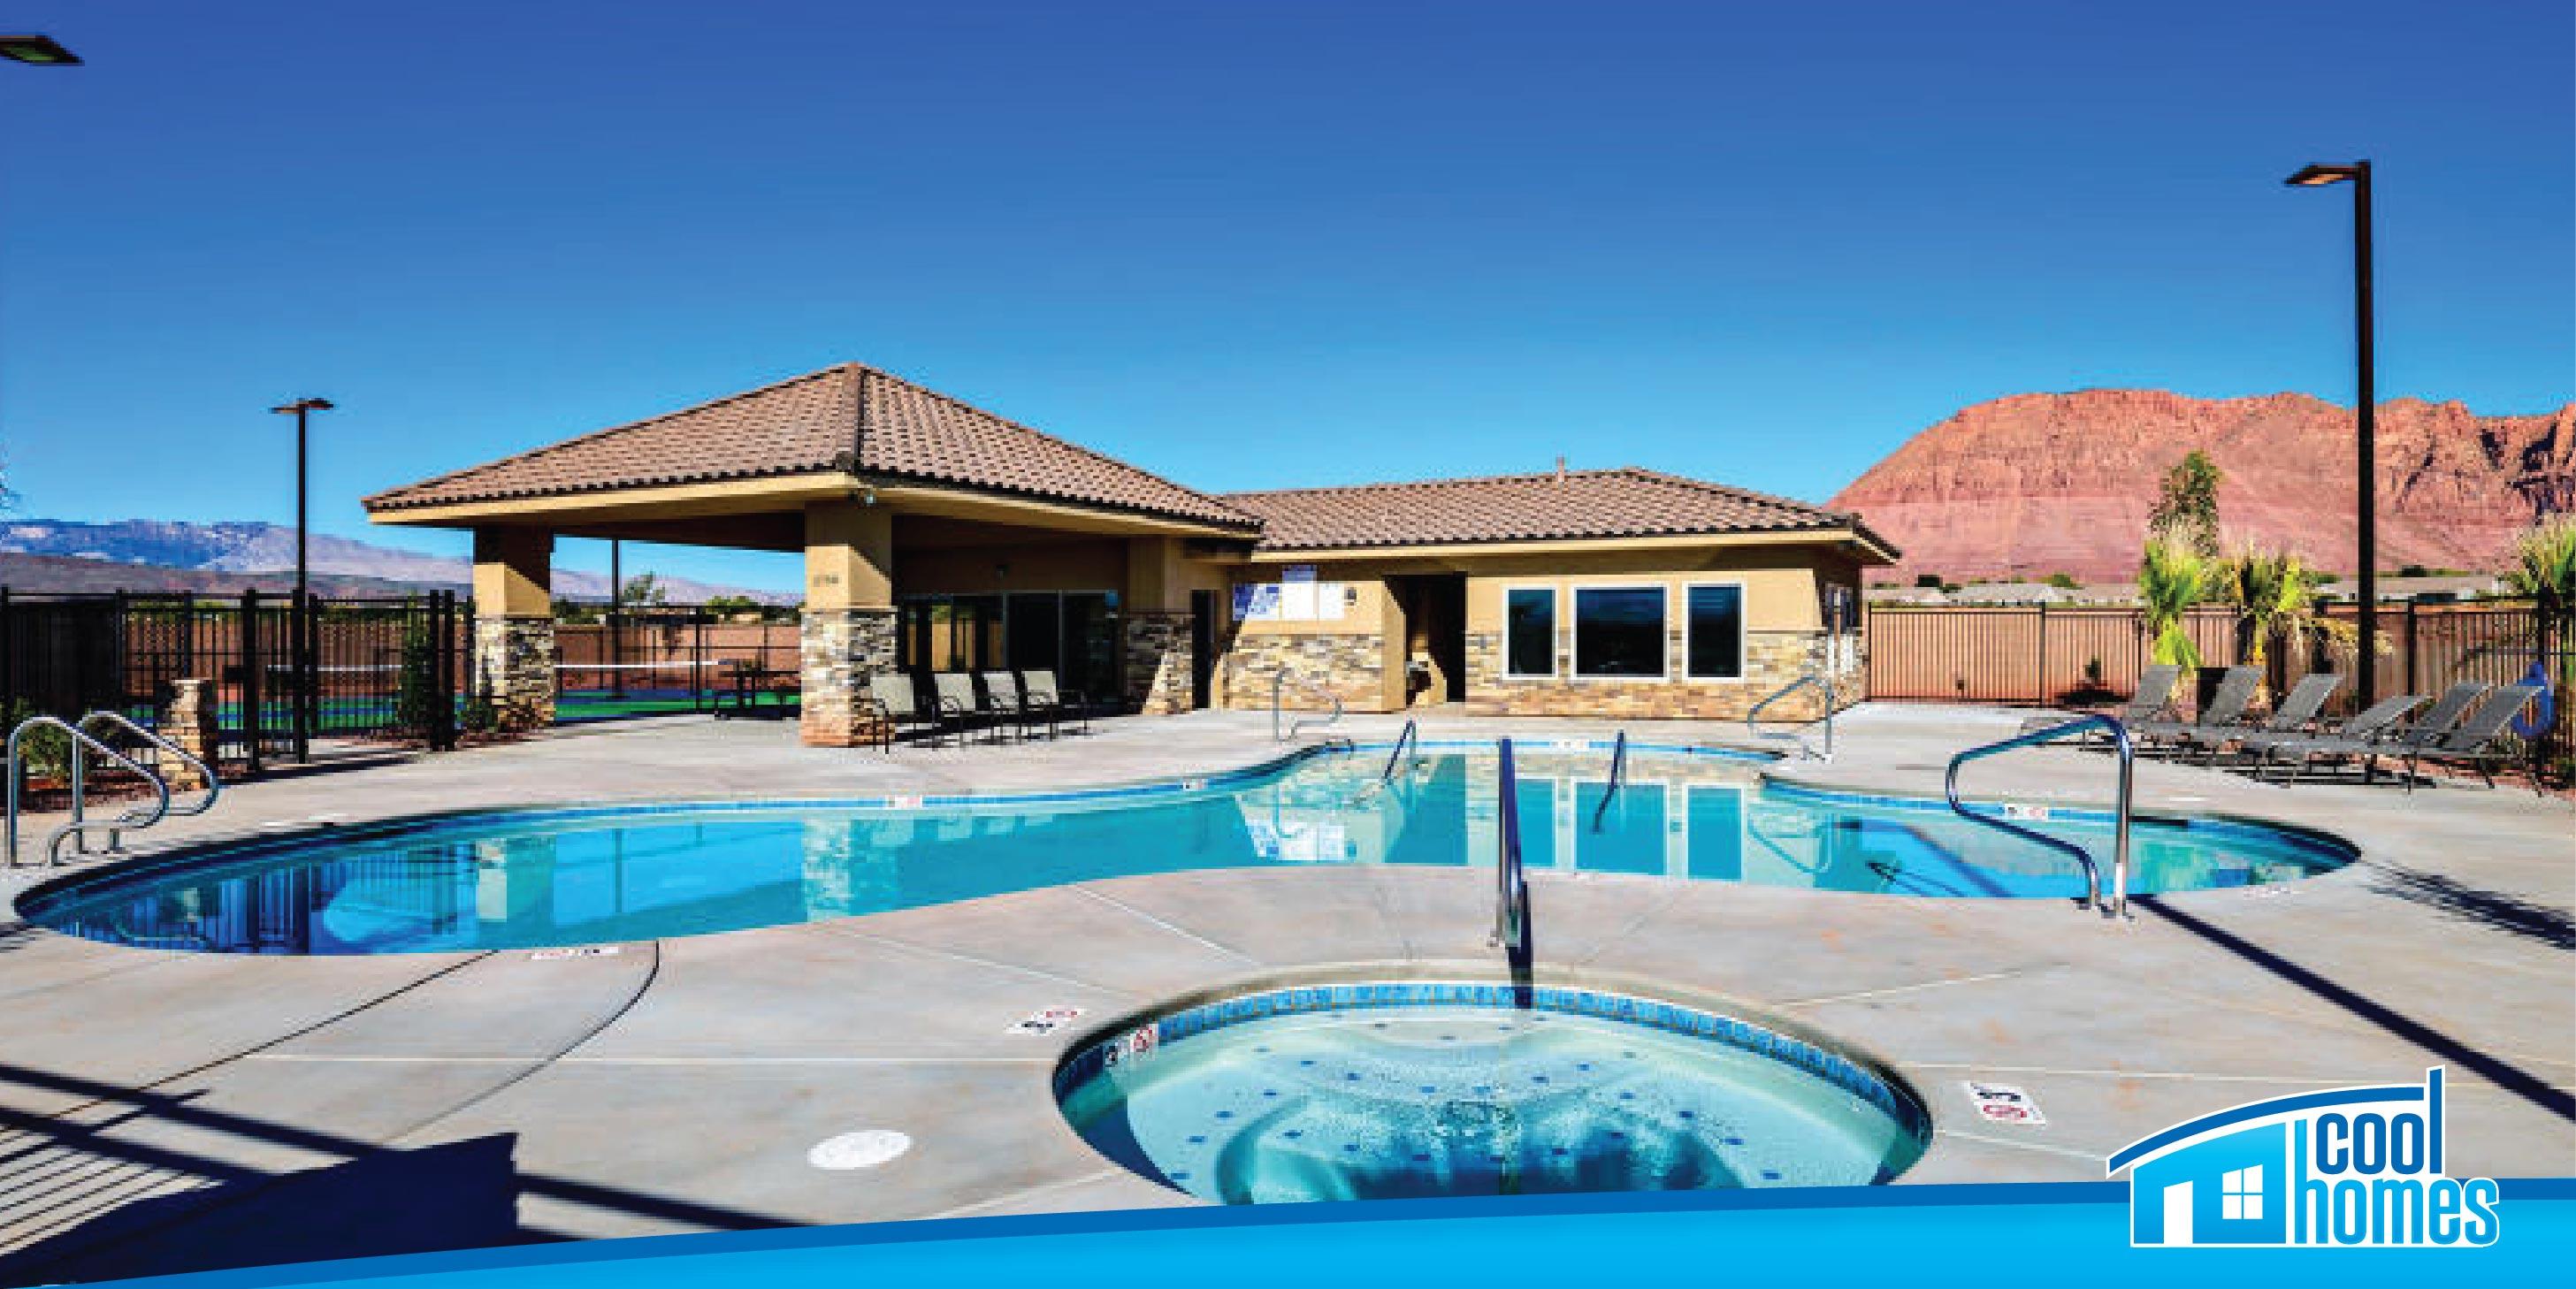 3758 Bella Sol Drive | Cool Homes